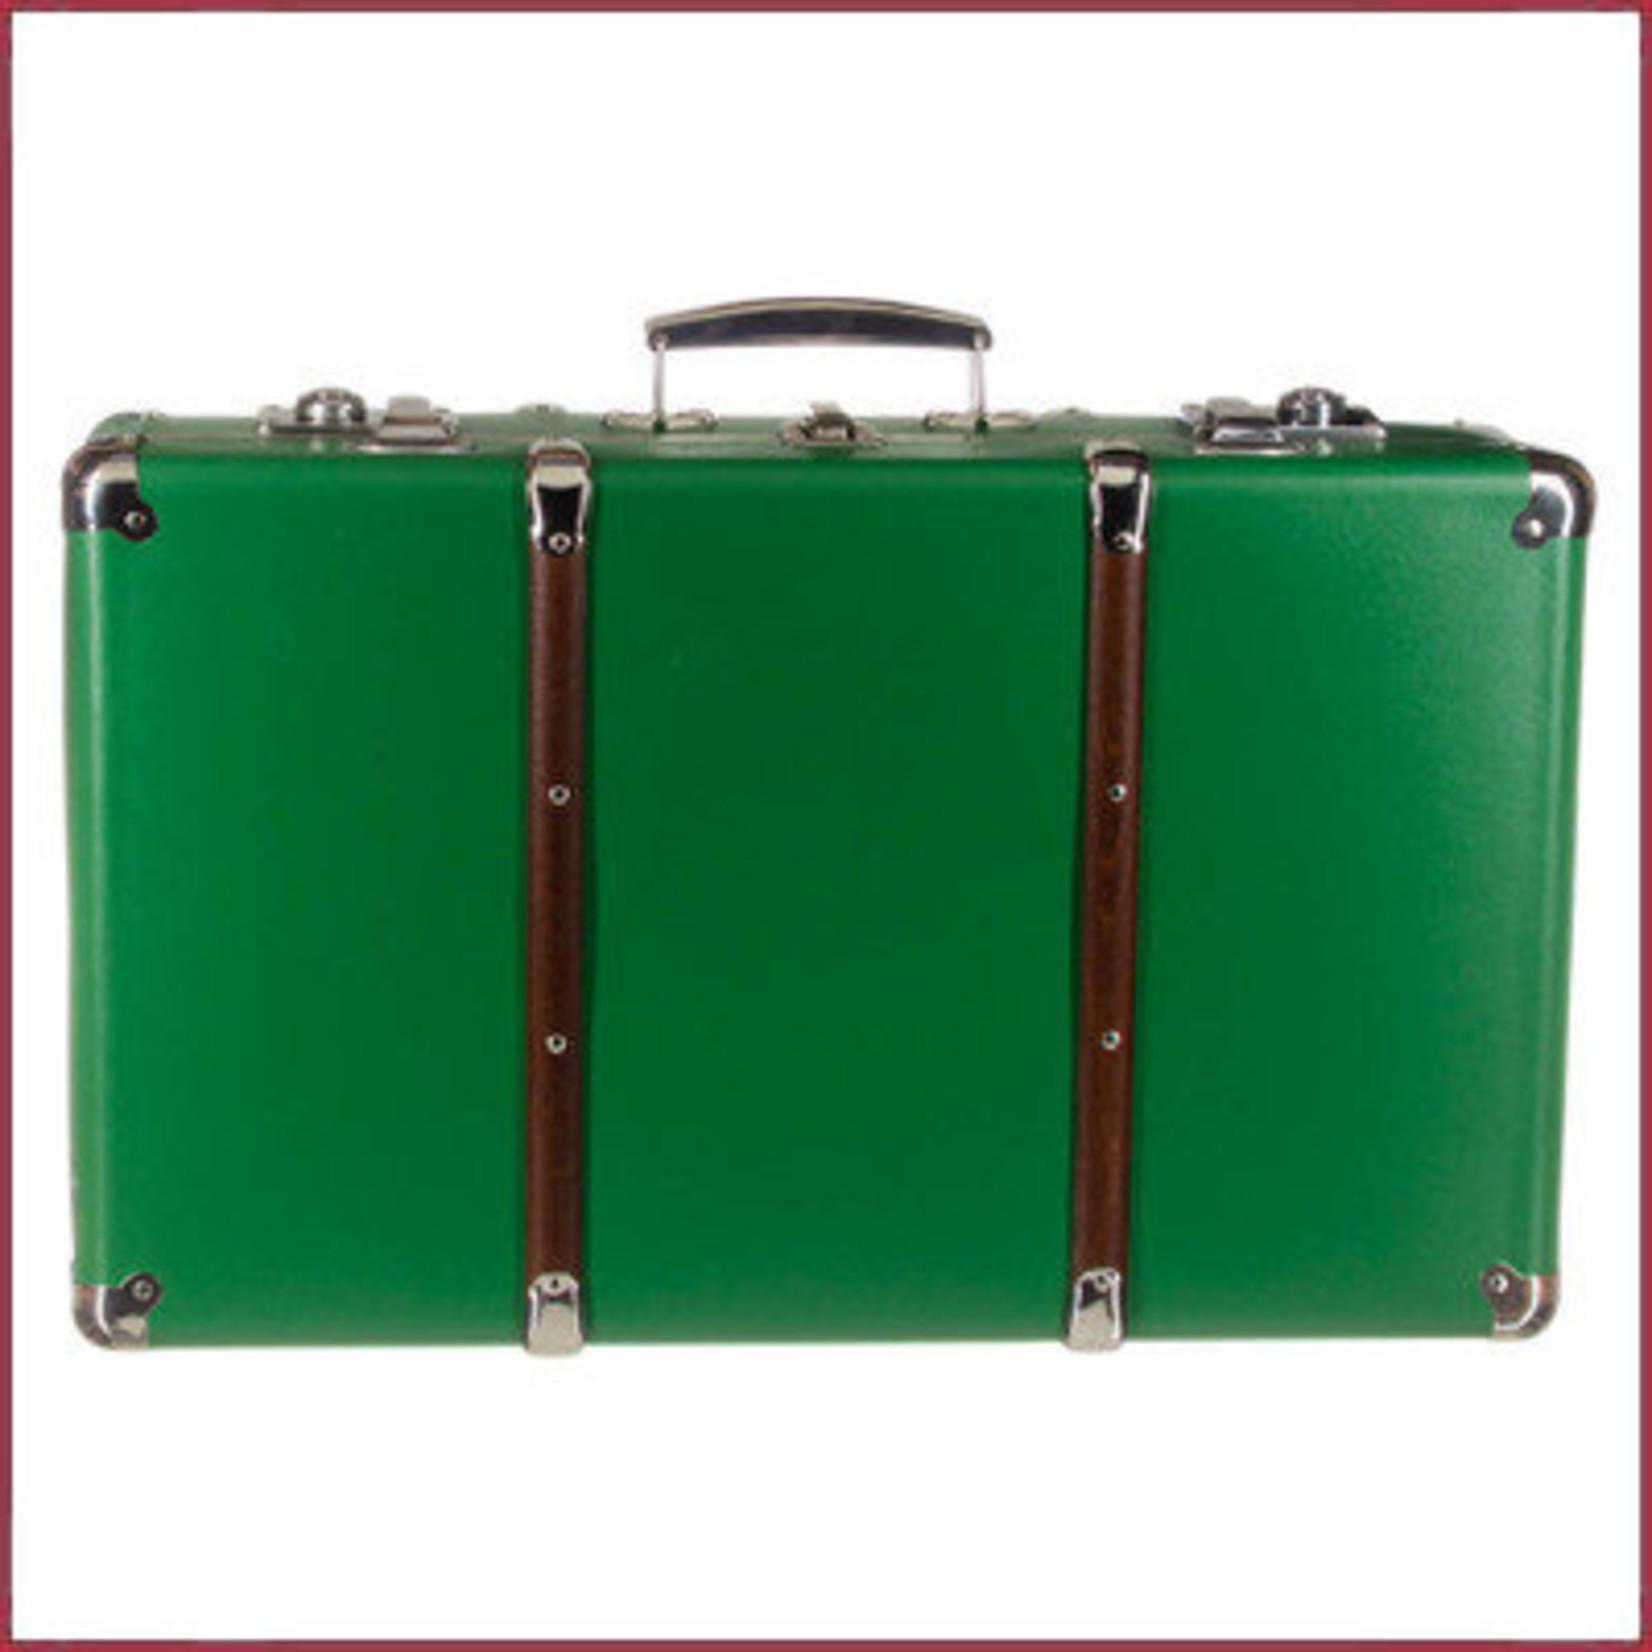 Reiskoffer Groen met bruine houten latten 55cm